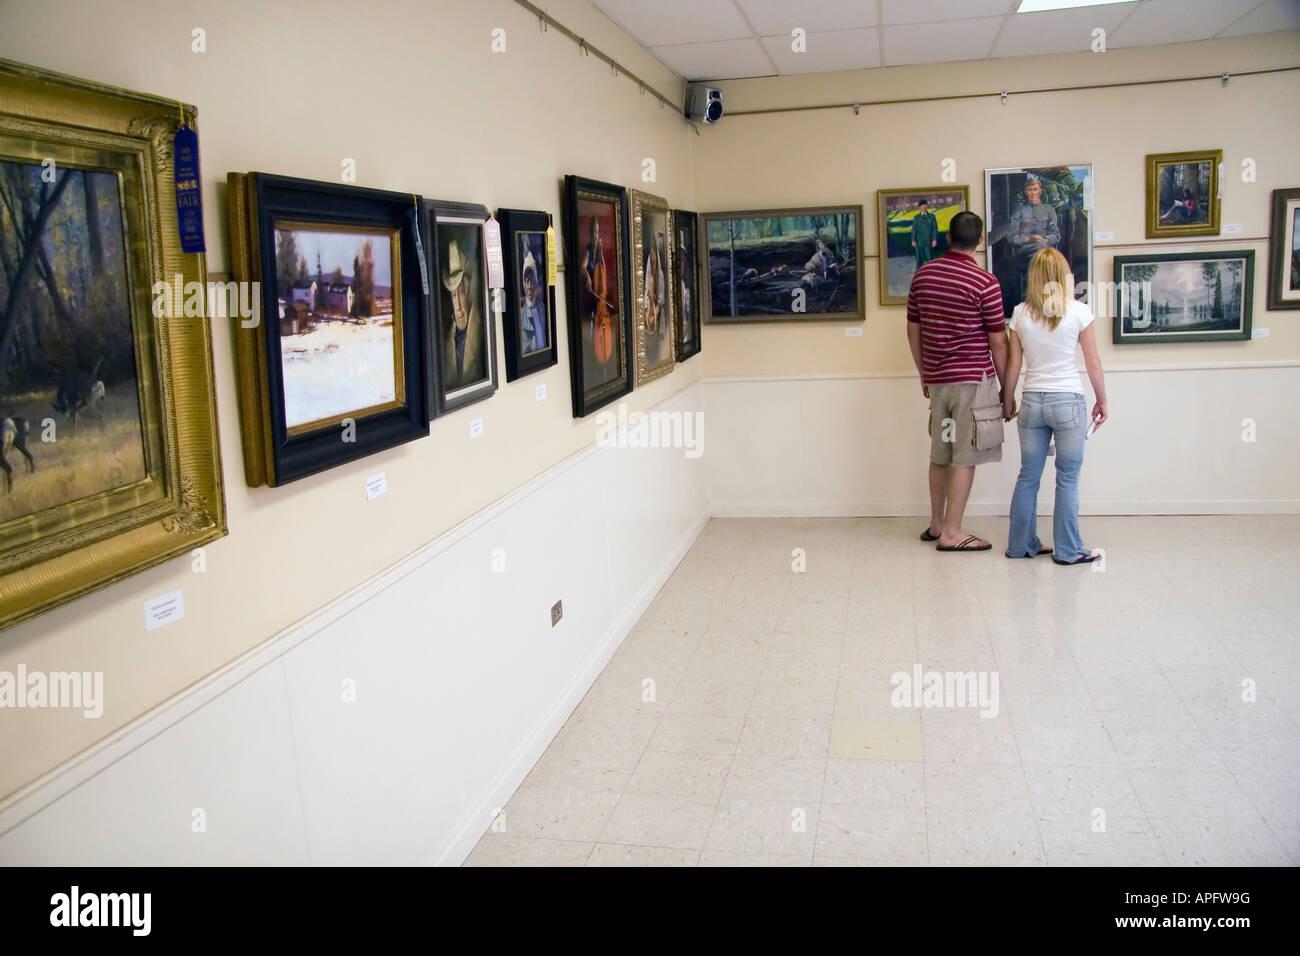 Ein paar hört auf zu viele Kunstwerke auf dem Display auf diese Art Exhibit an der Utah State Fair in SLC, Stockbild